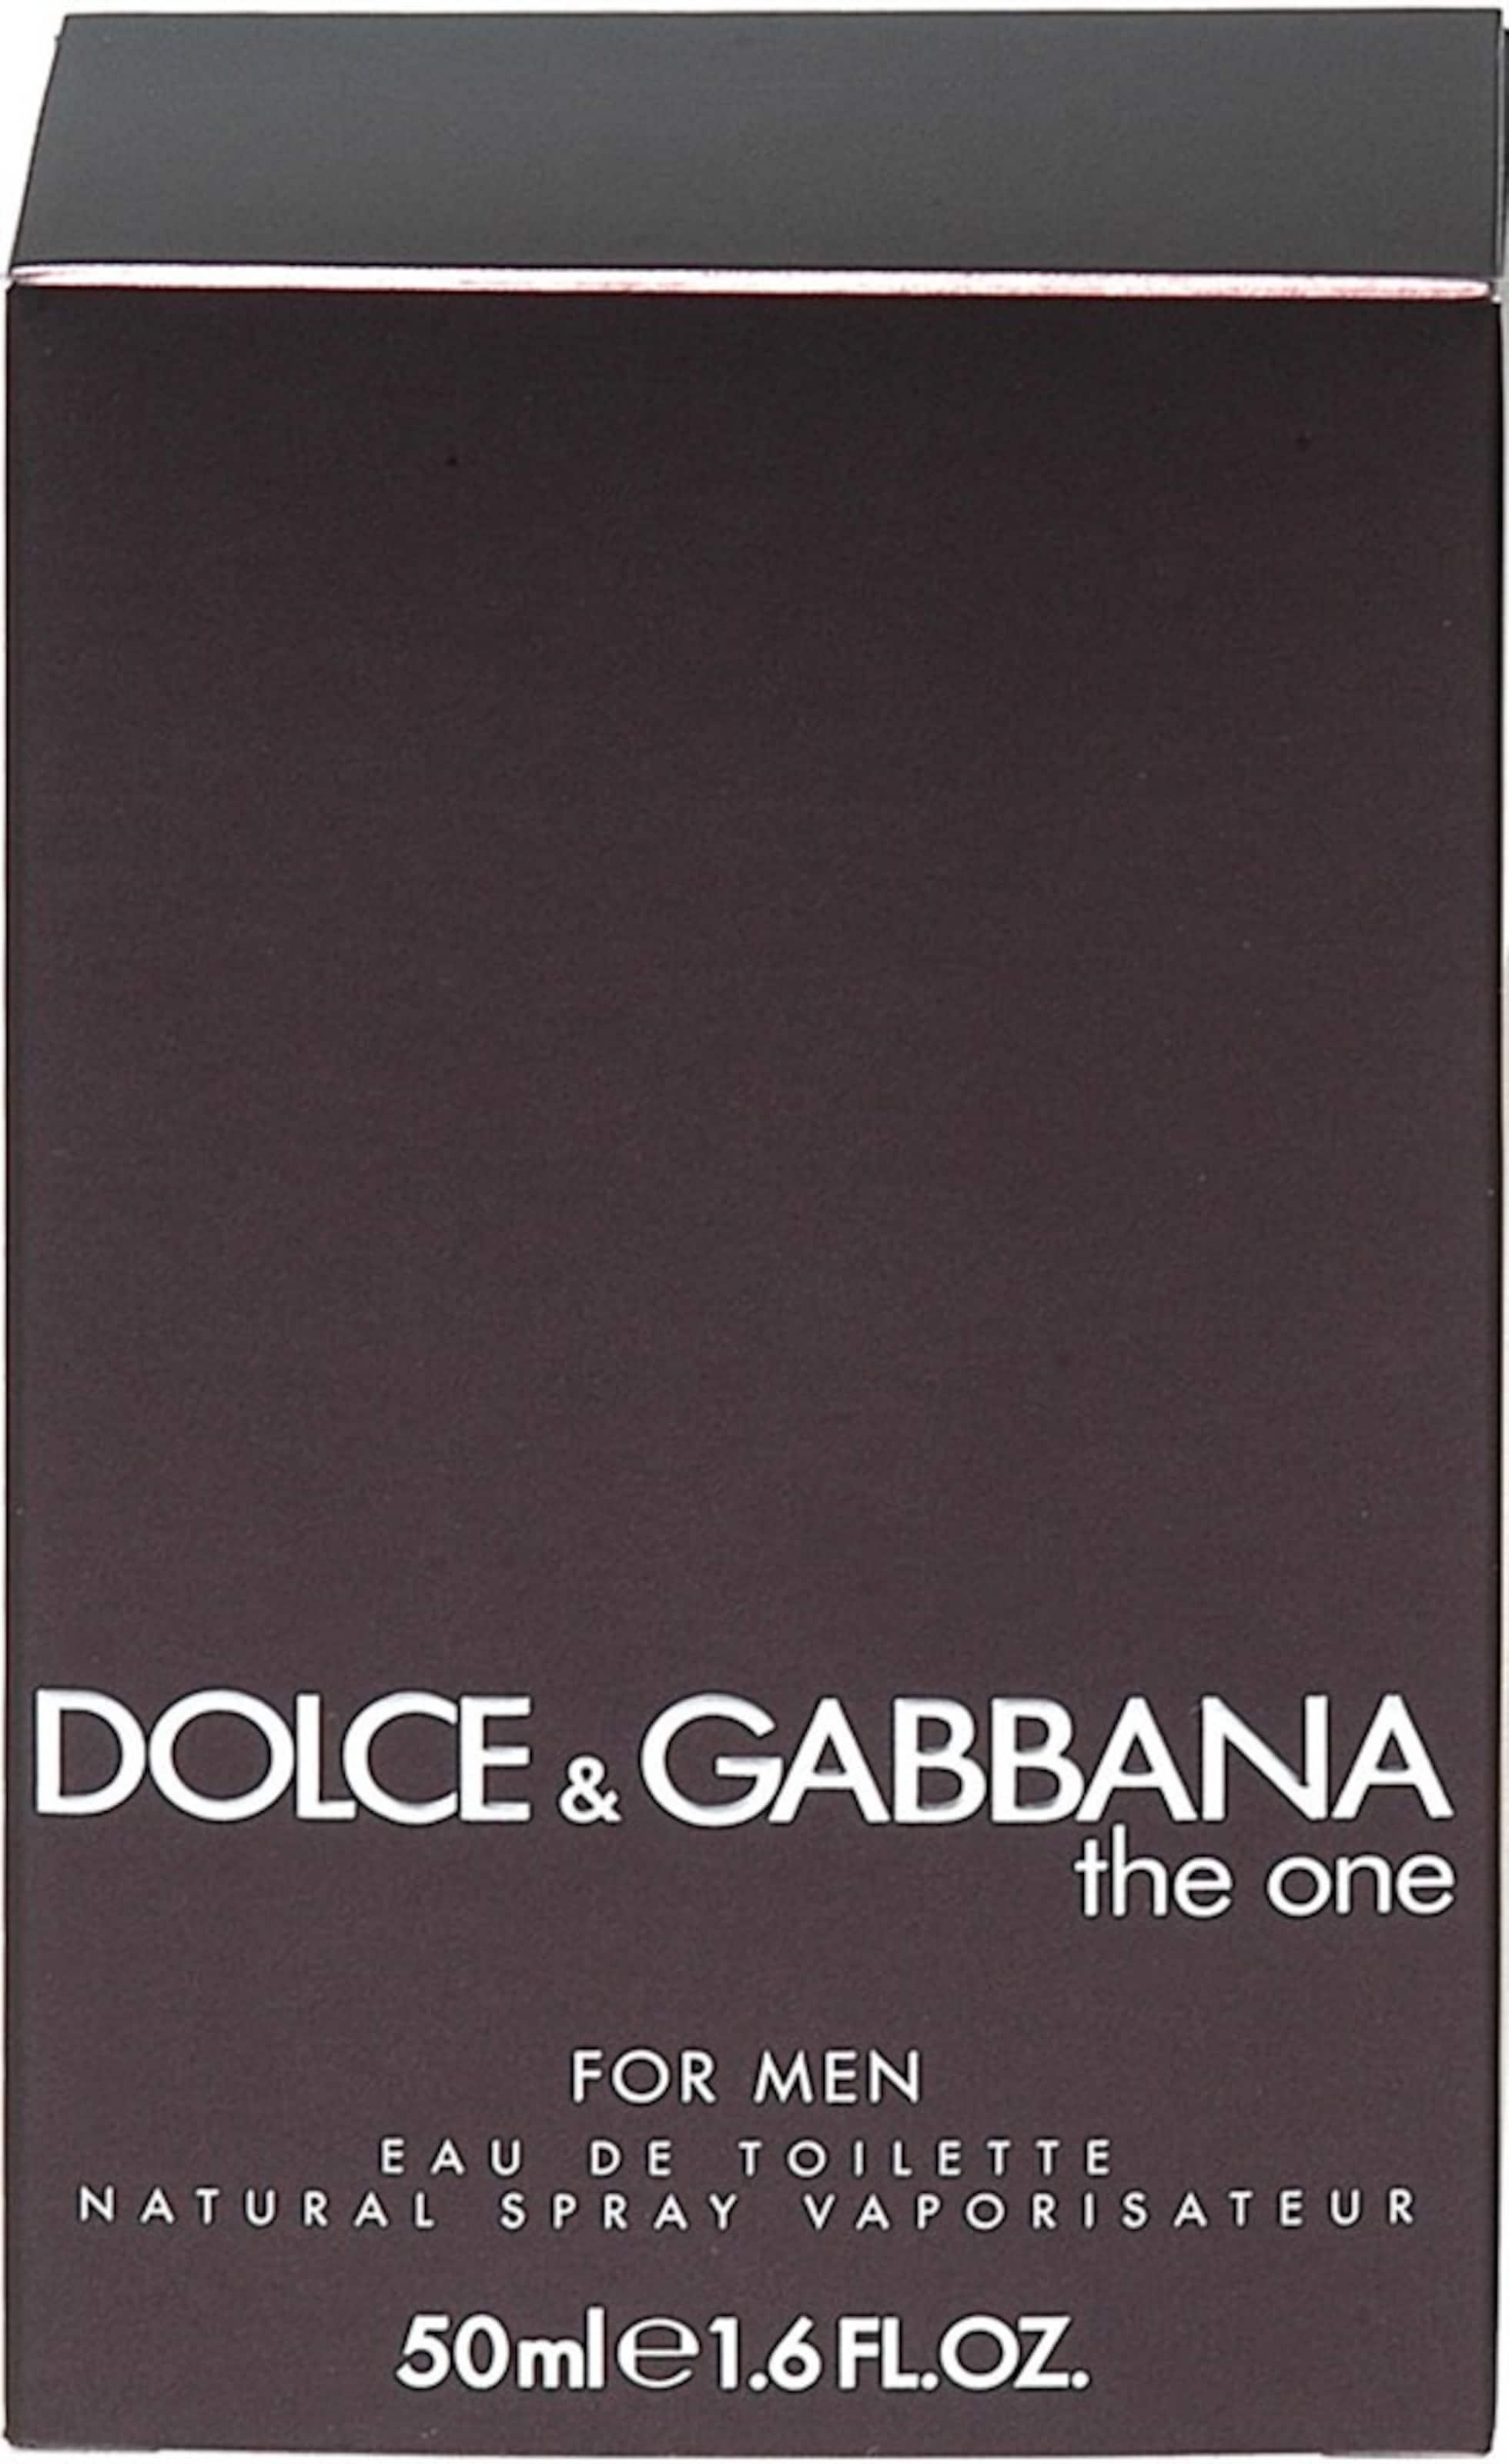 DOLCE & GABBANA 'The One for Men', Eau de Toilette